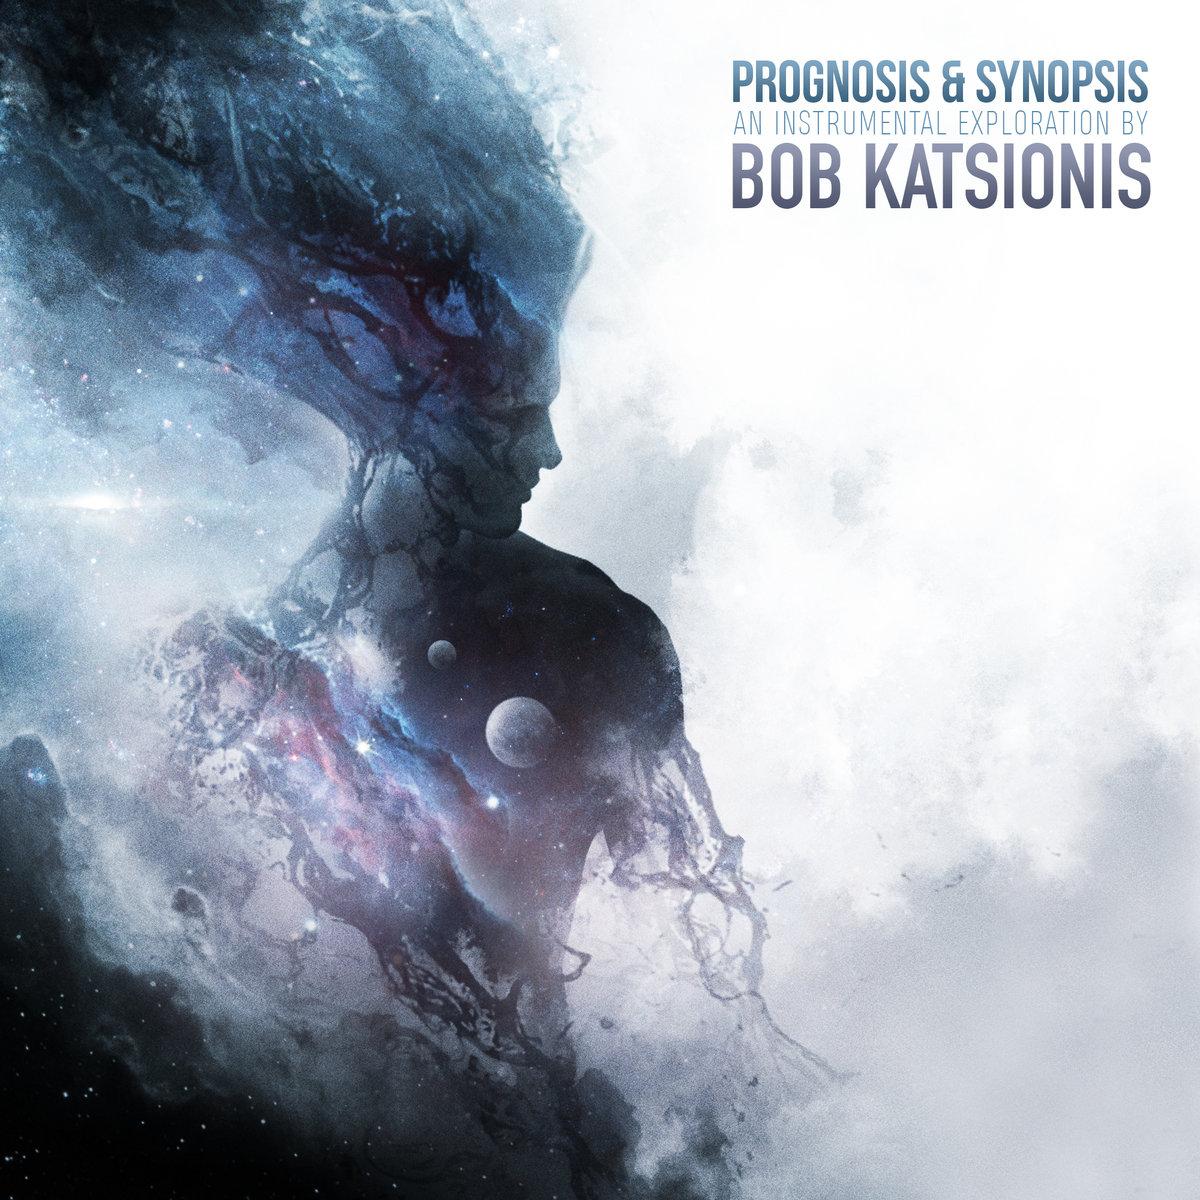 Bob Katsionis